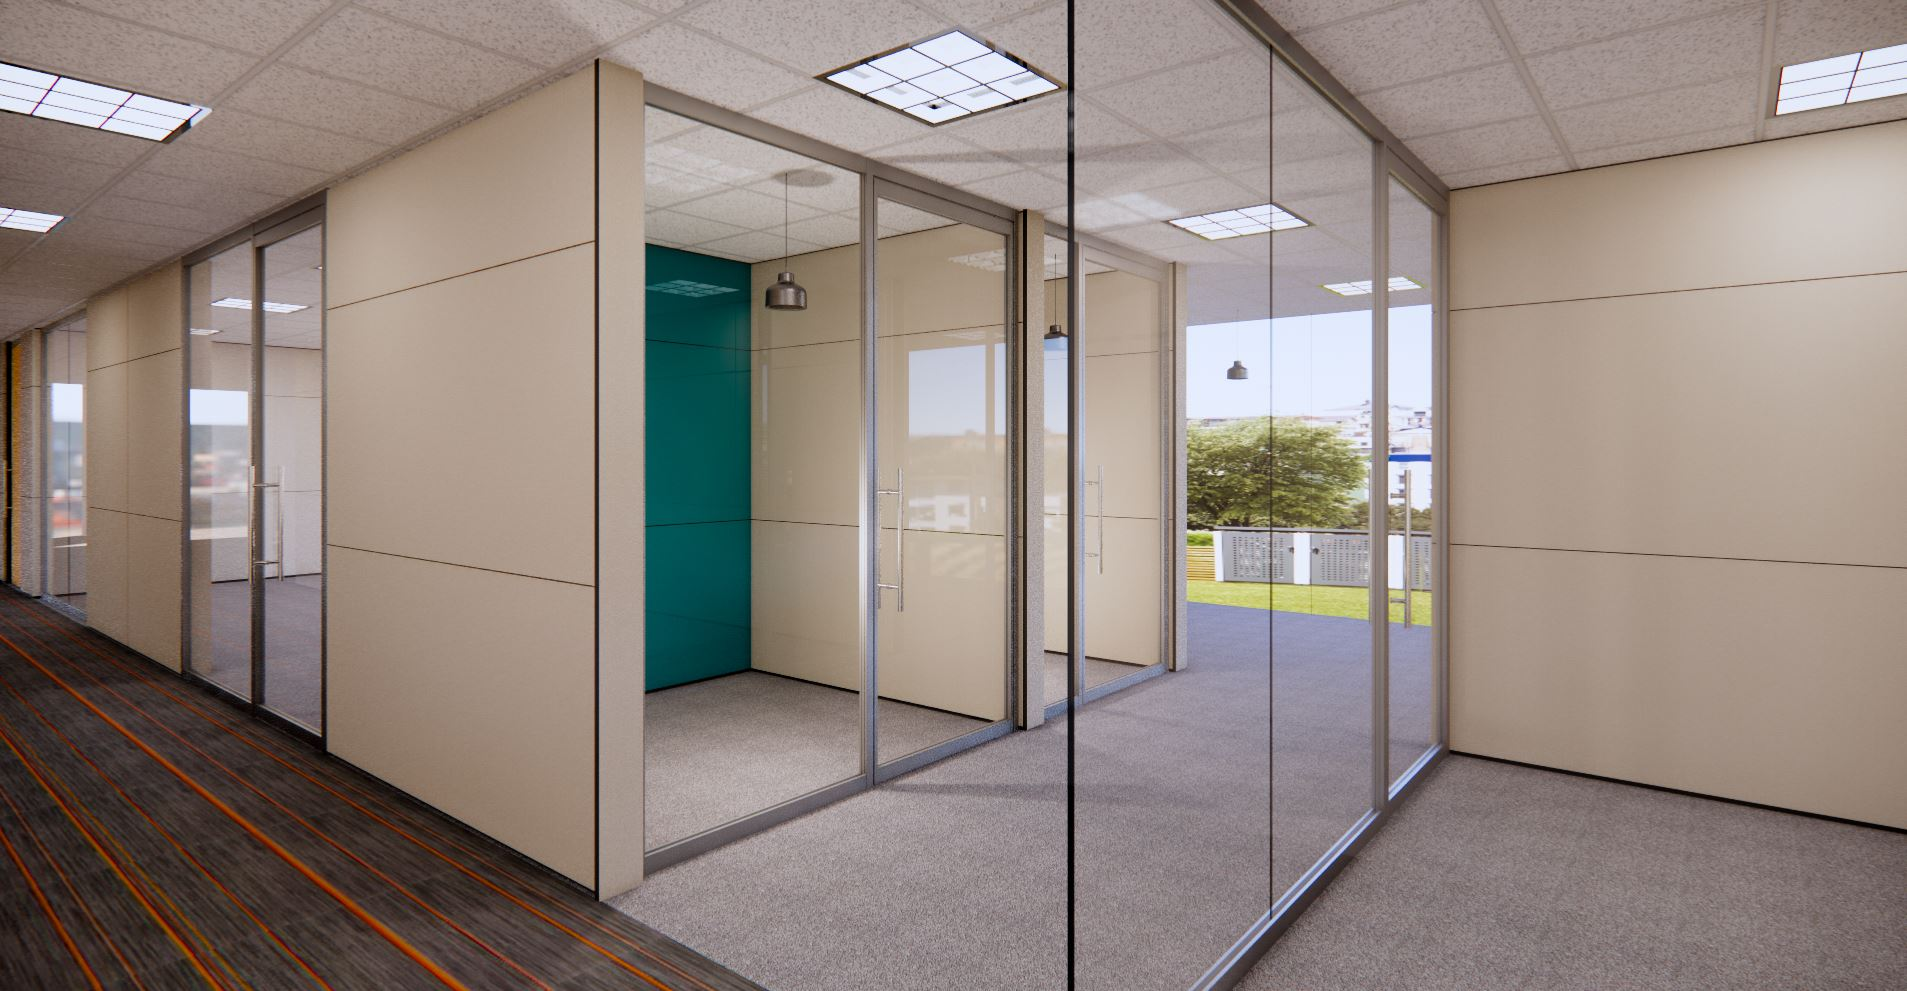 Falkbuilt, Glass Wall, Glass Door, Solid Wall, Digital Component Construction